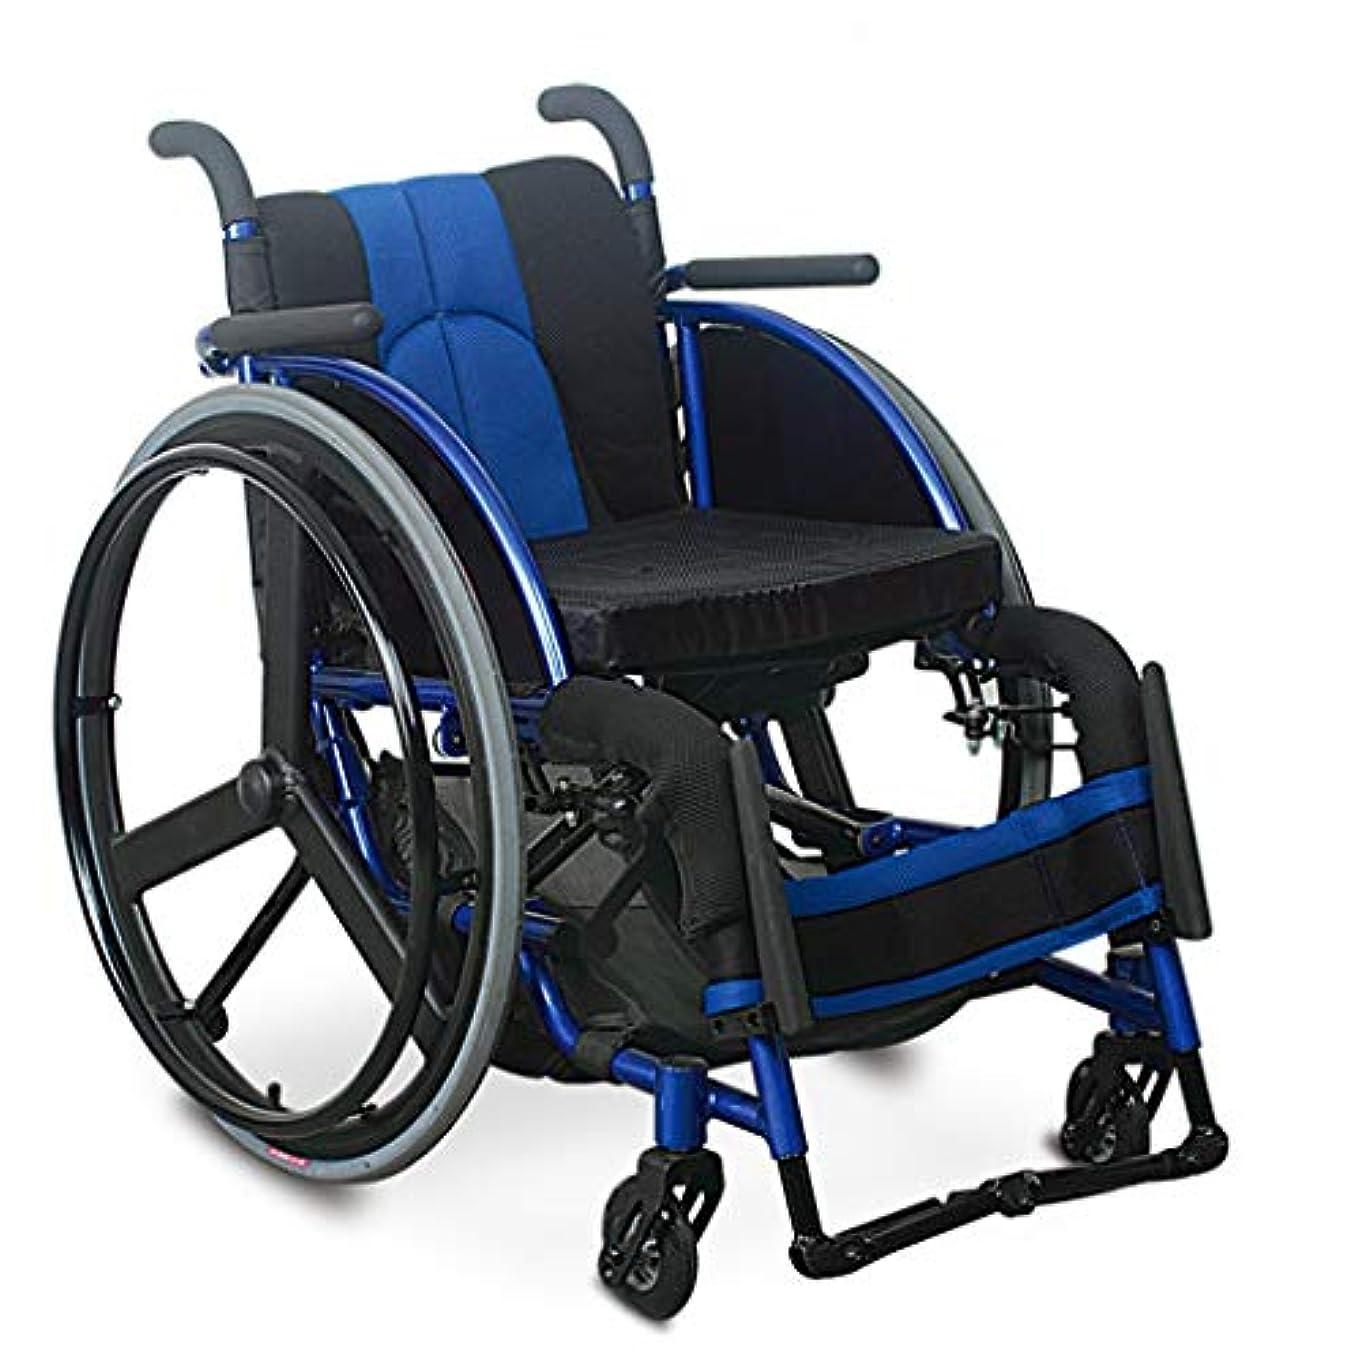 シートジャーナル間違えた車椅子折りたたみ、PUミリオンフロントホイール、高齢者障害者用車椅子トロリー